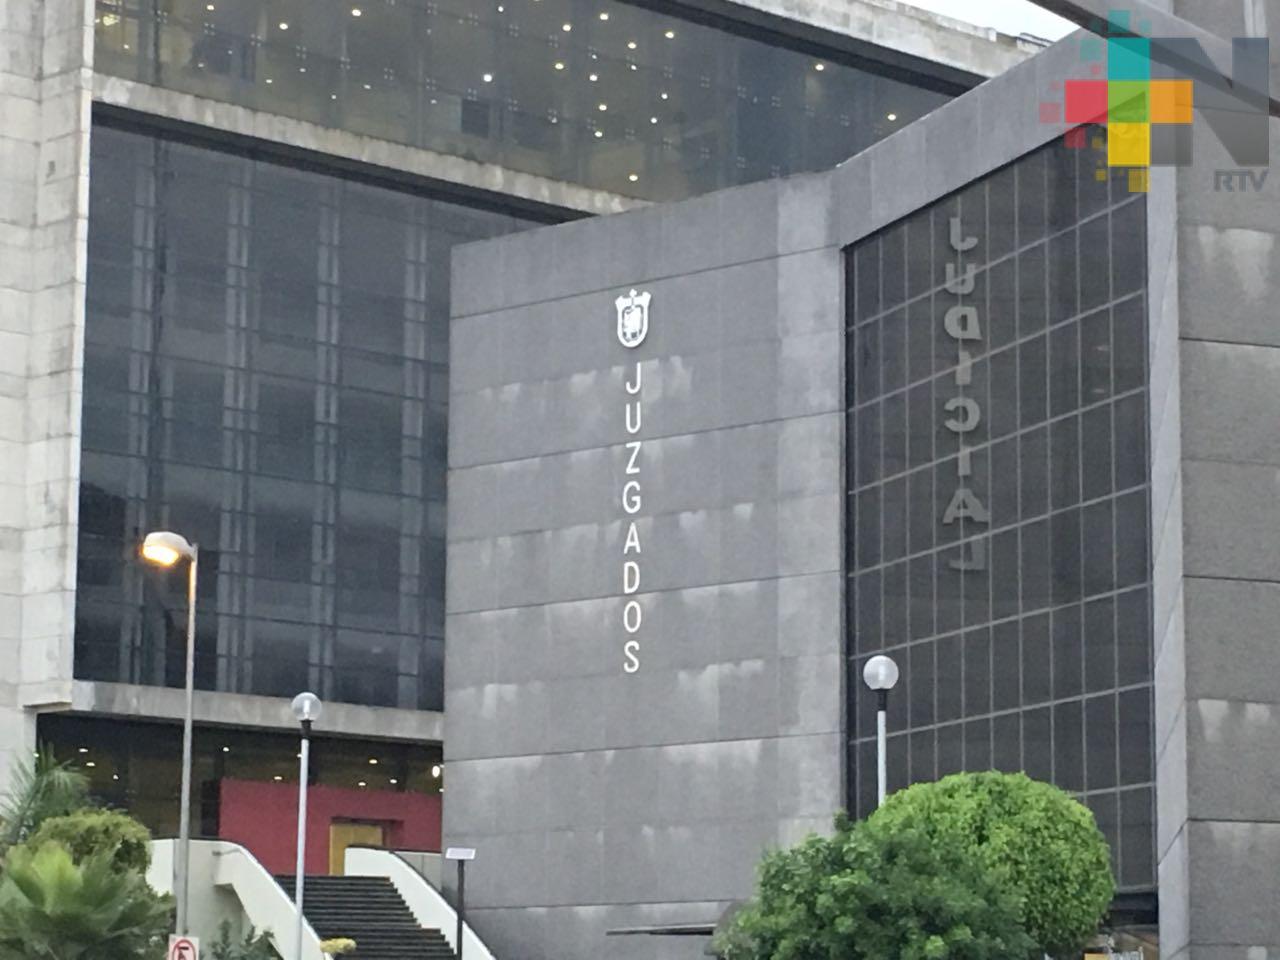 Al interior del Poder Judicial de Veracruz se vive un atentado a la democracia: Abogado